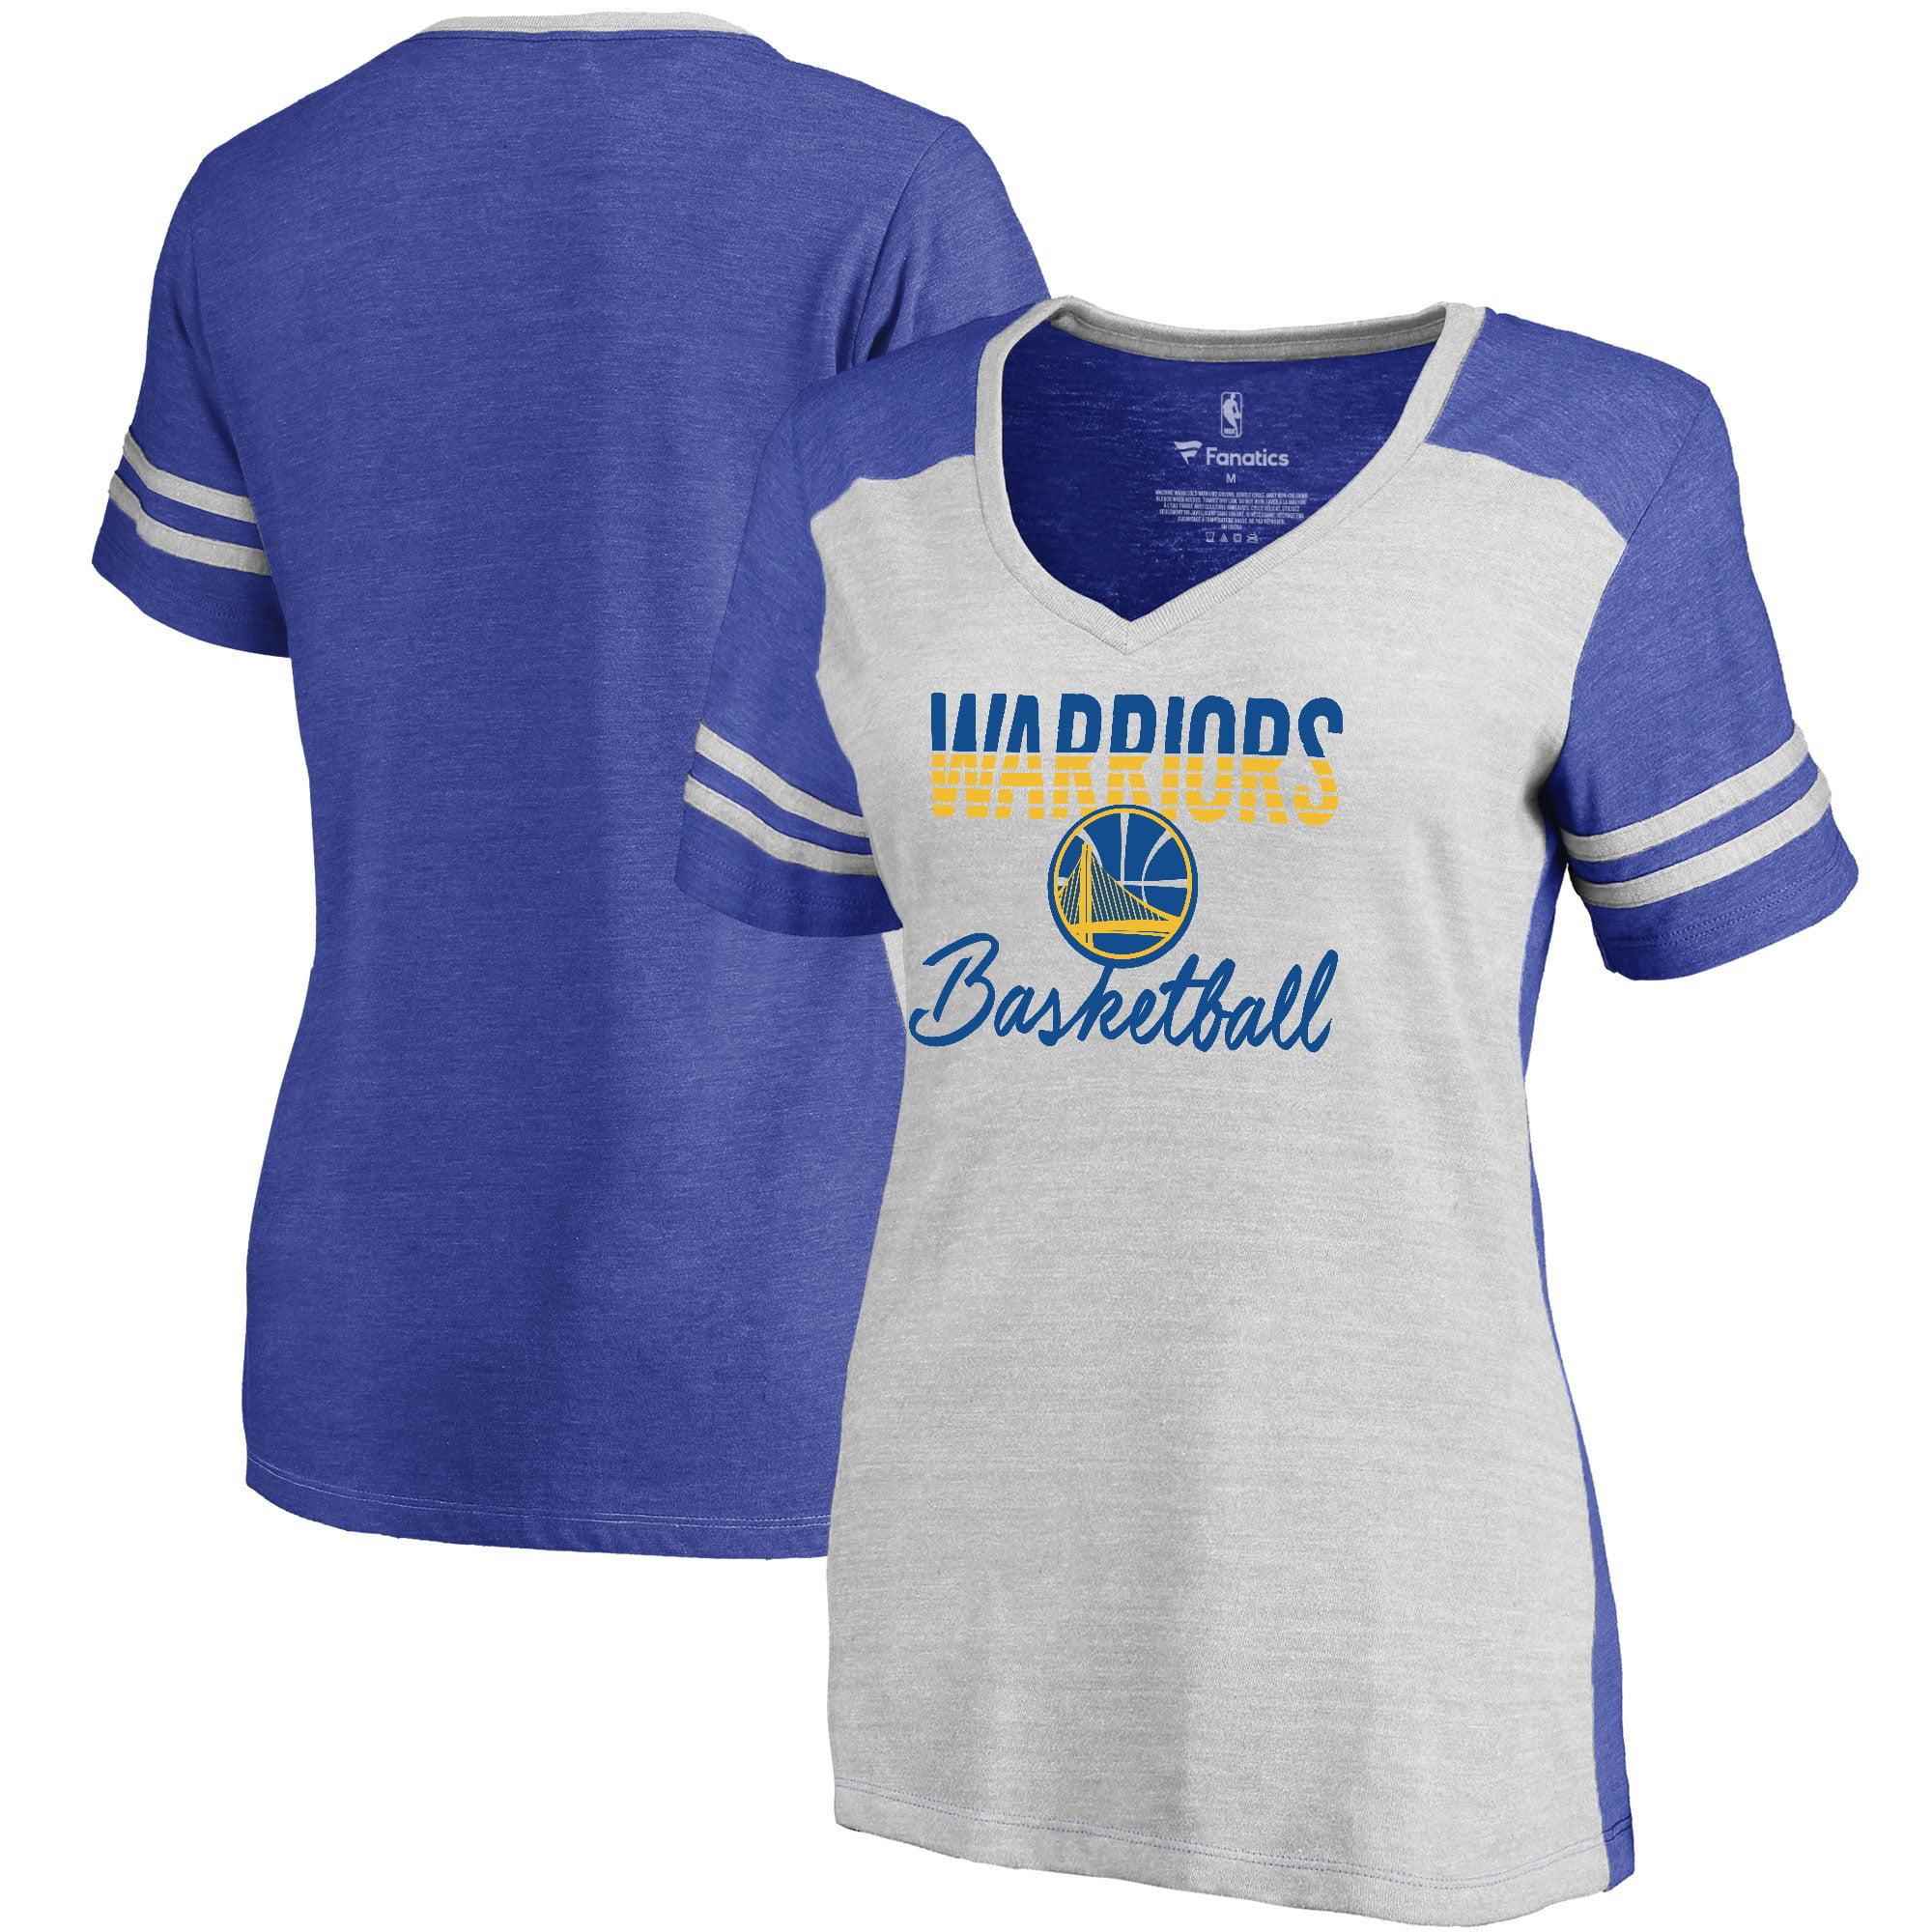 Golden State Warriors Fanatics Branded Women's Freeline Colorblock V-Neck T-Shirt - White/Royal